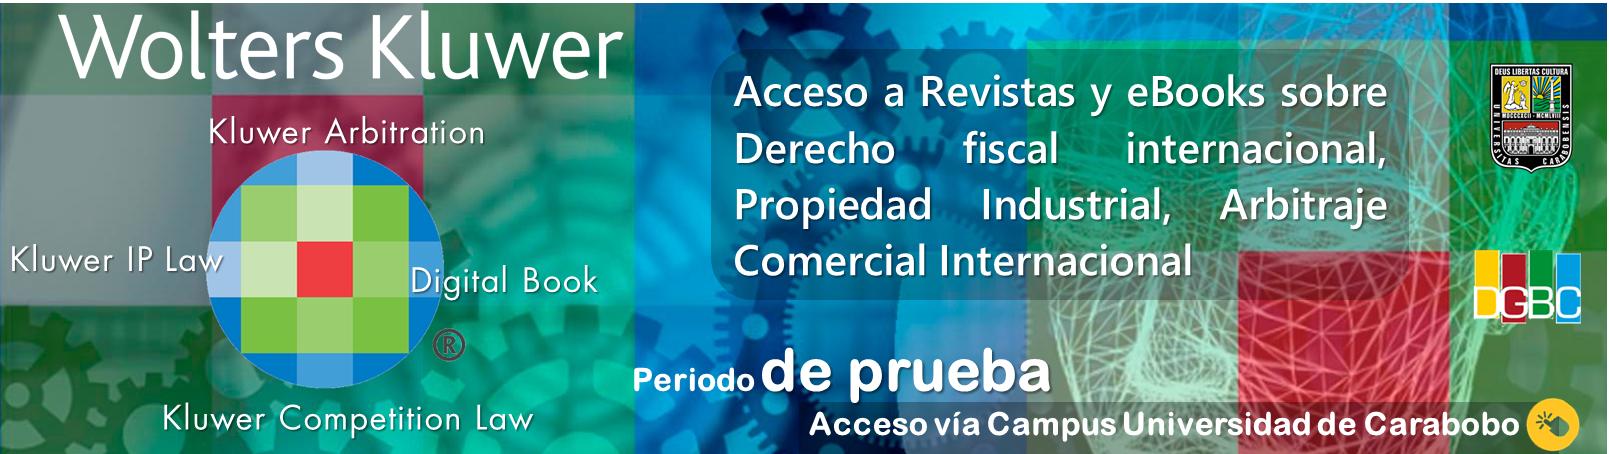 Plataforma Kluwer Law International (Acceso solo desde el Campus UC)